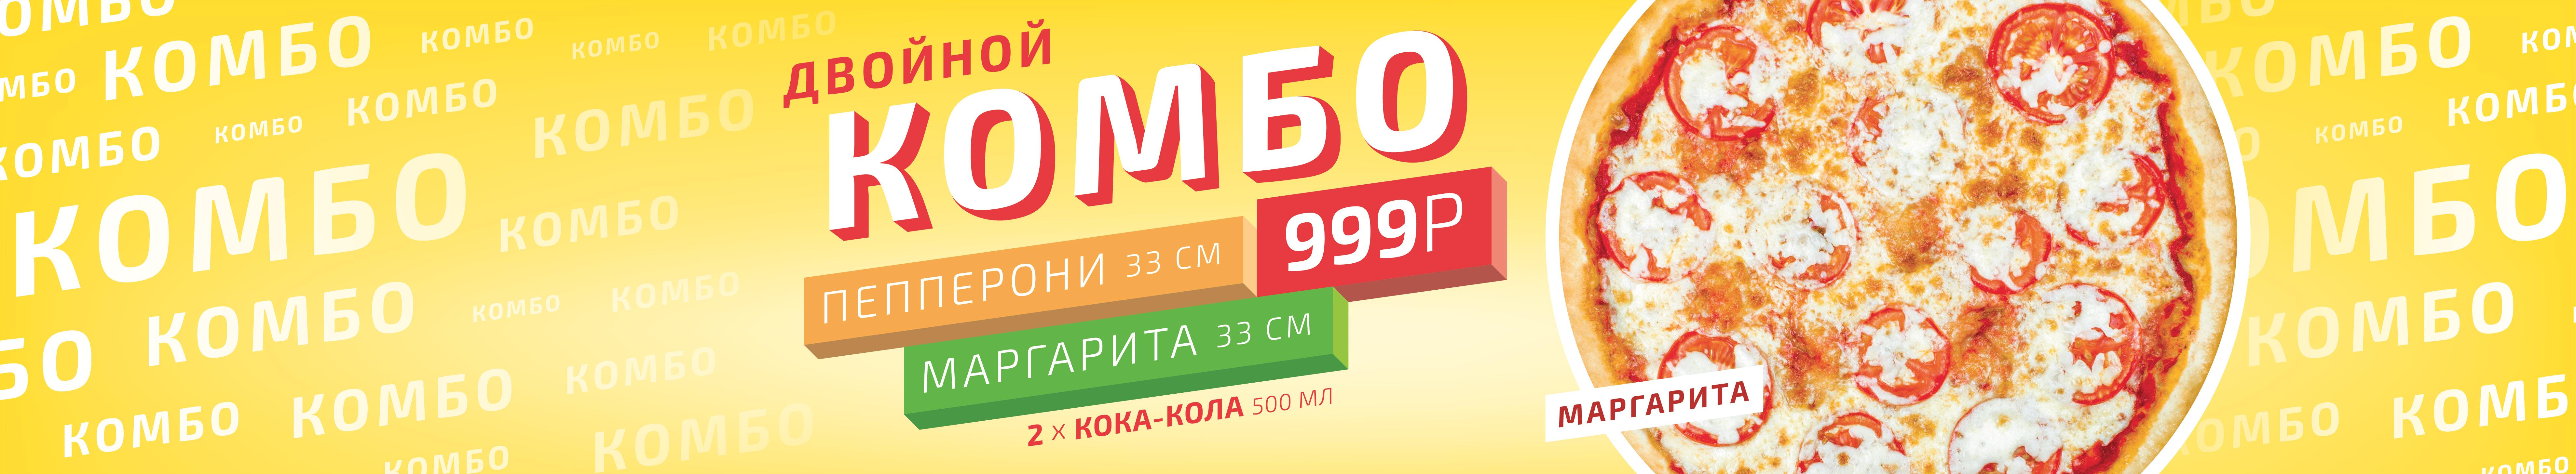 Mamamia6-01